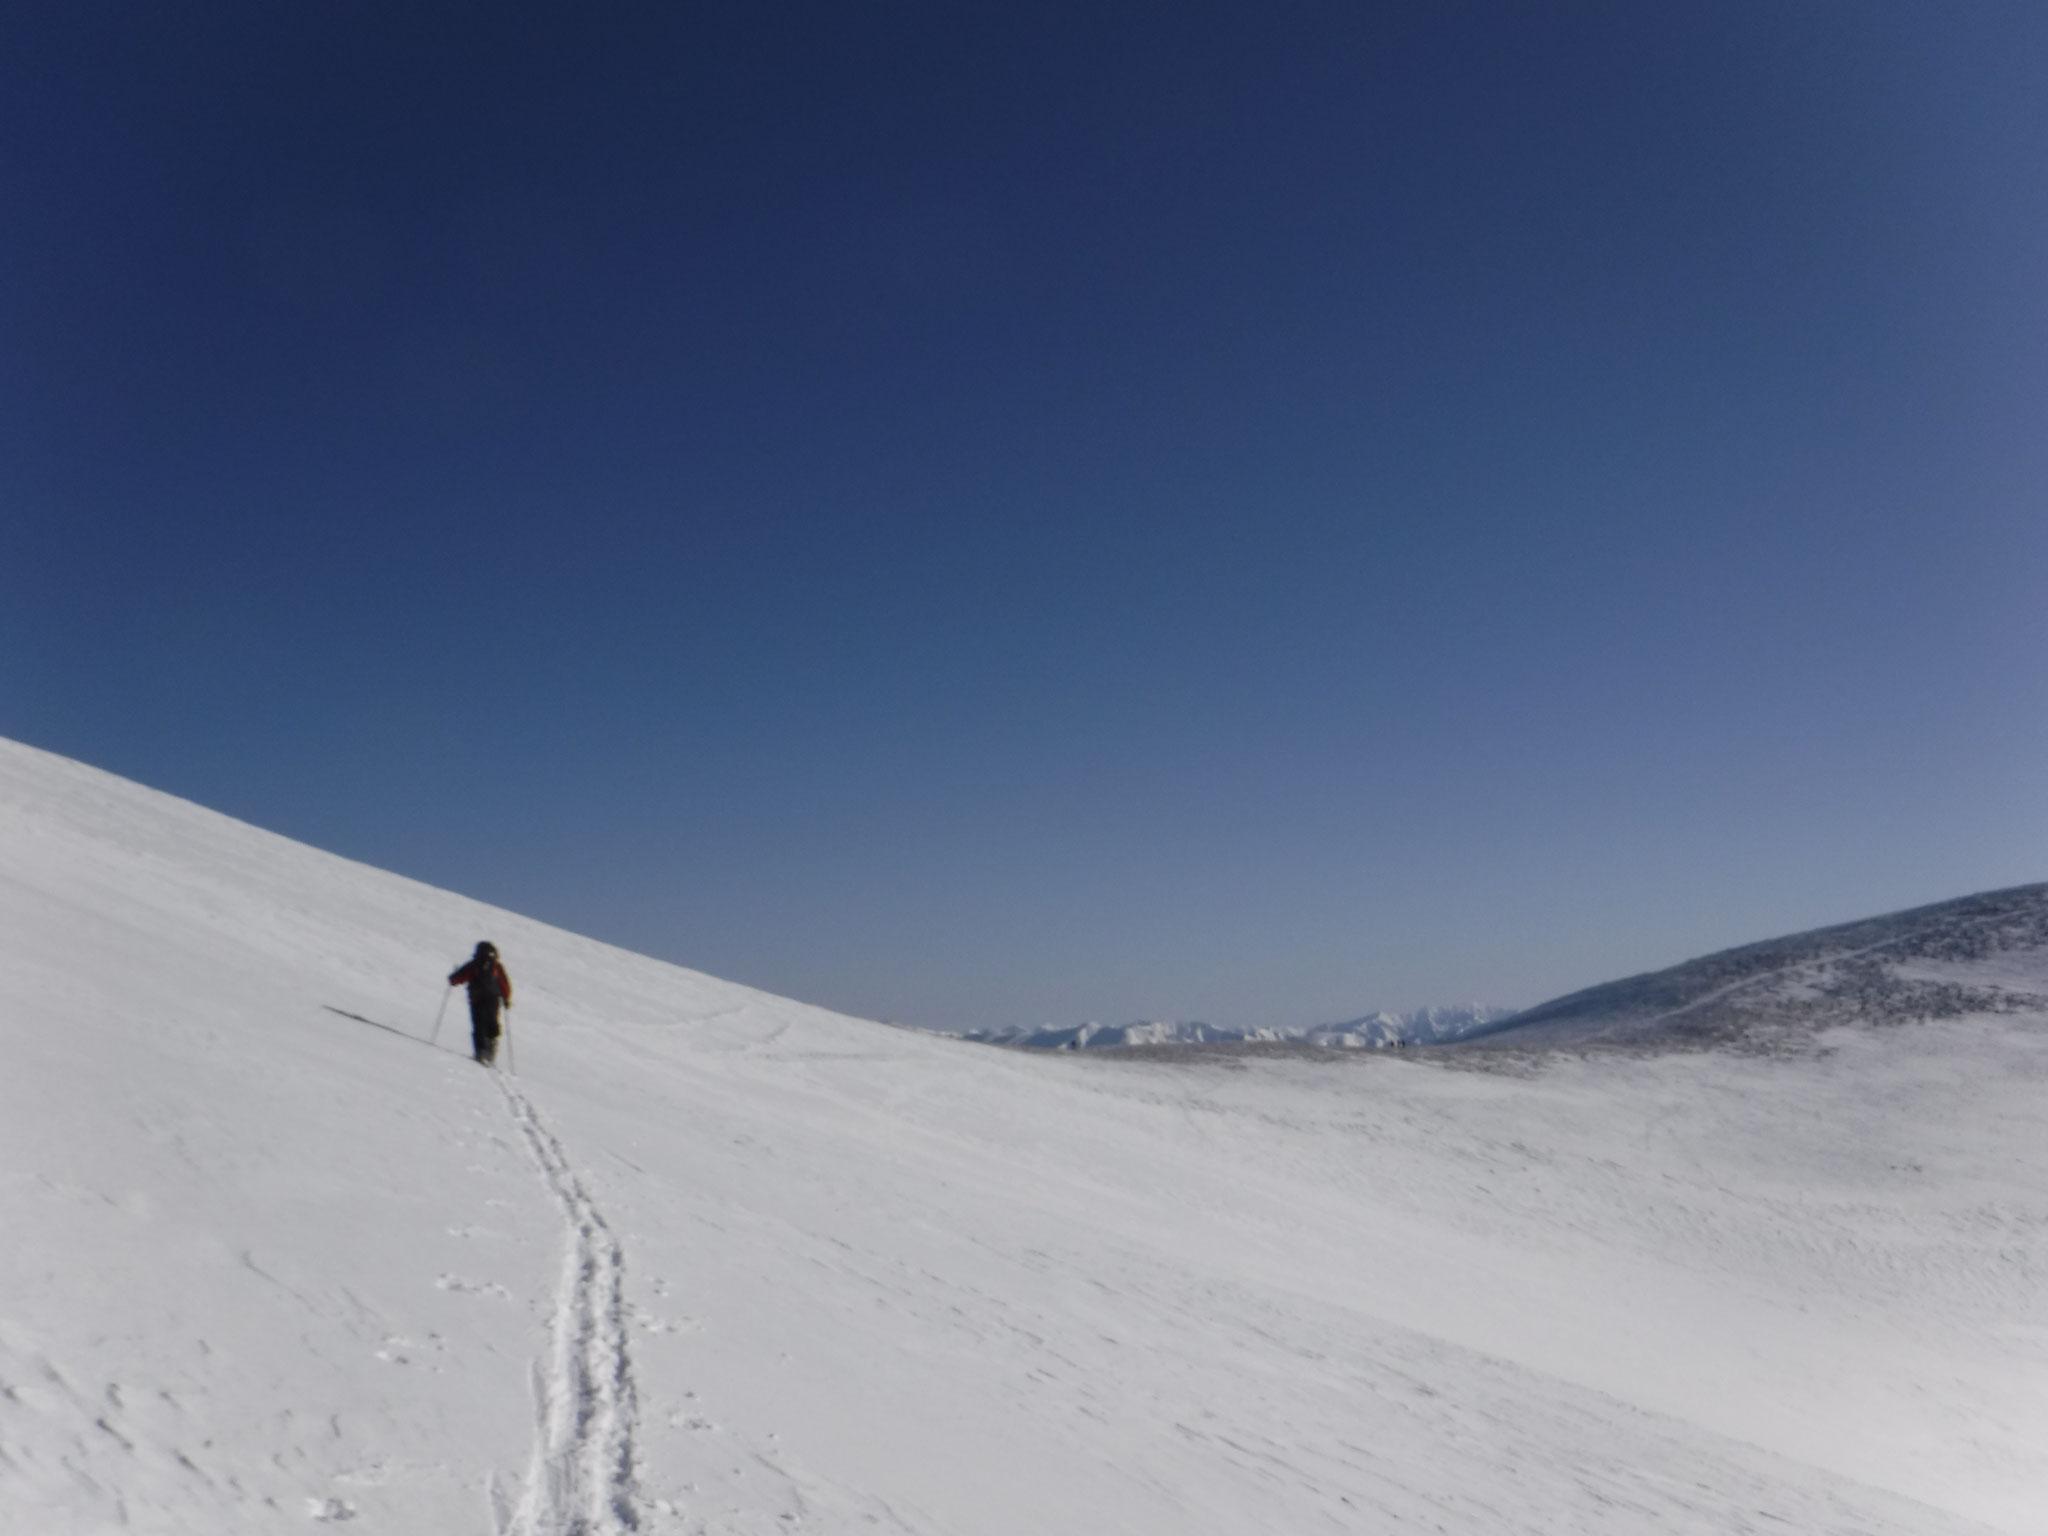 10:40 平標山手前から仙ノ倉山へのトラバース。傾斜は緩い